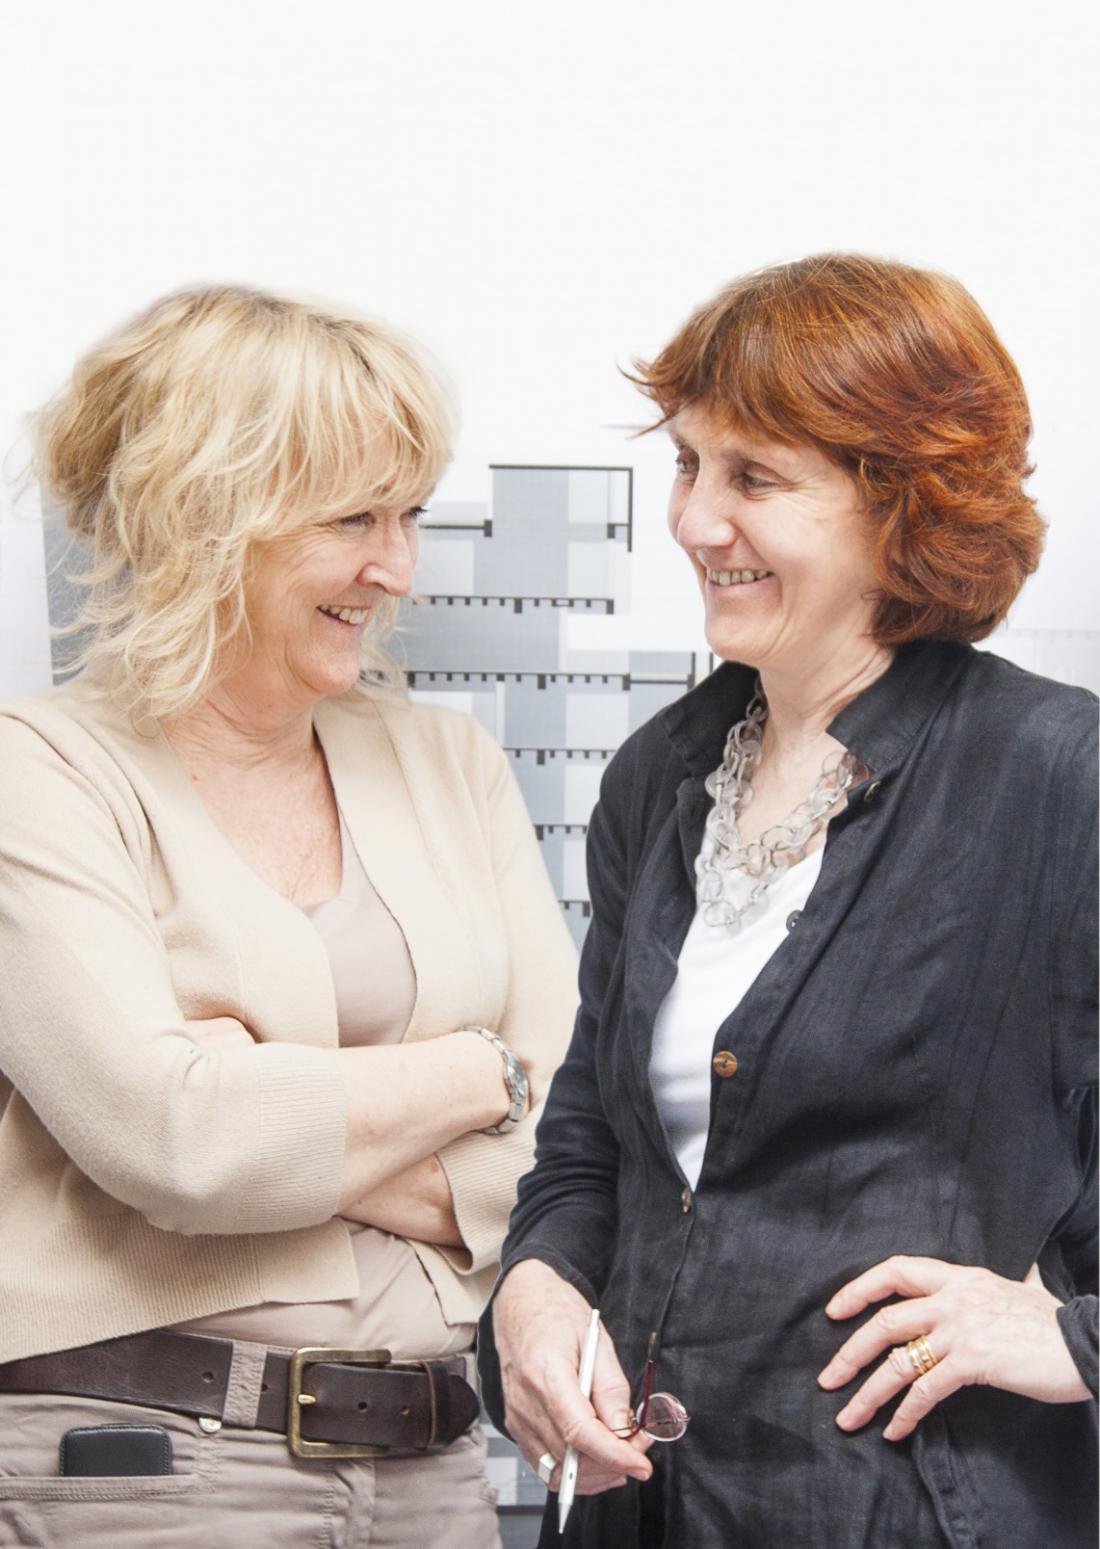 Nagrajeni arhitektki Yvonne Farrell in Shelley McNamara. FOTO: Alice Clancy